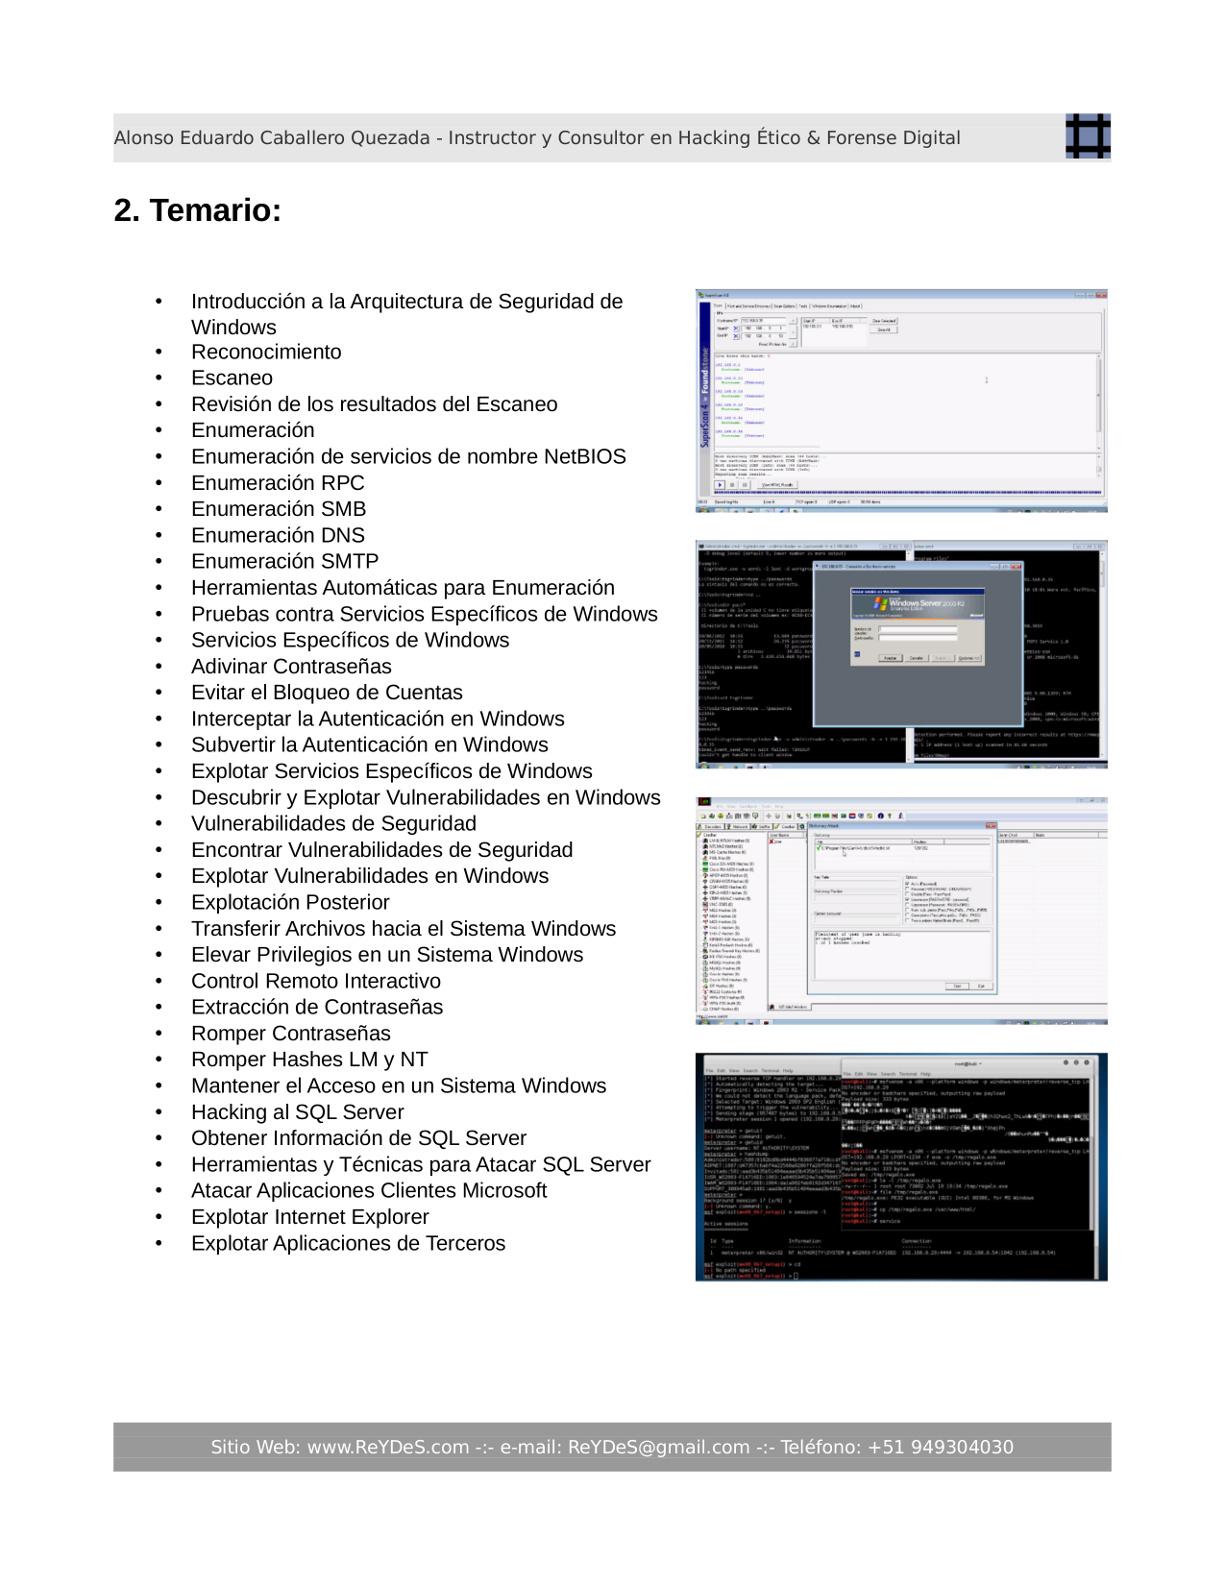 Curso De Hacker Em Pdf